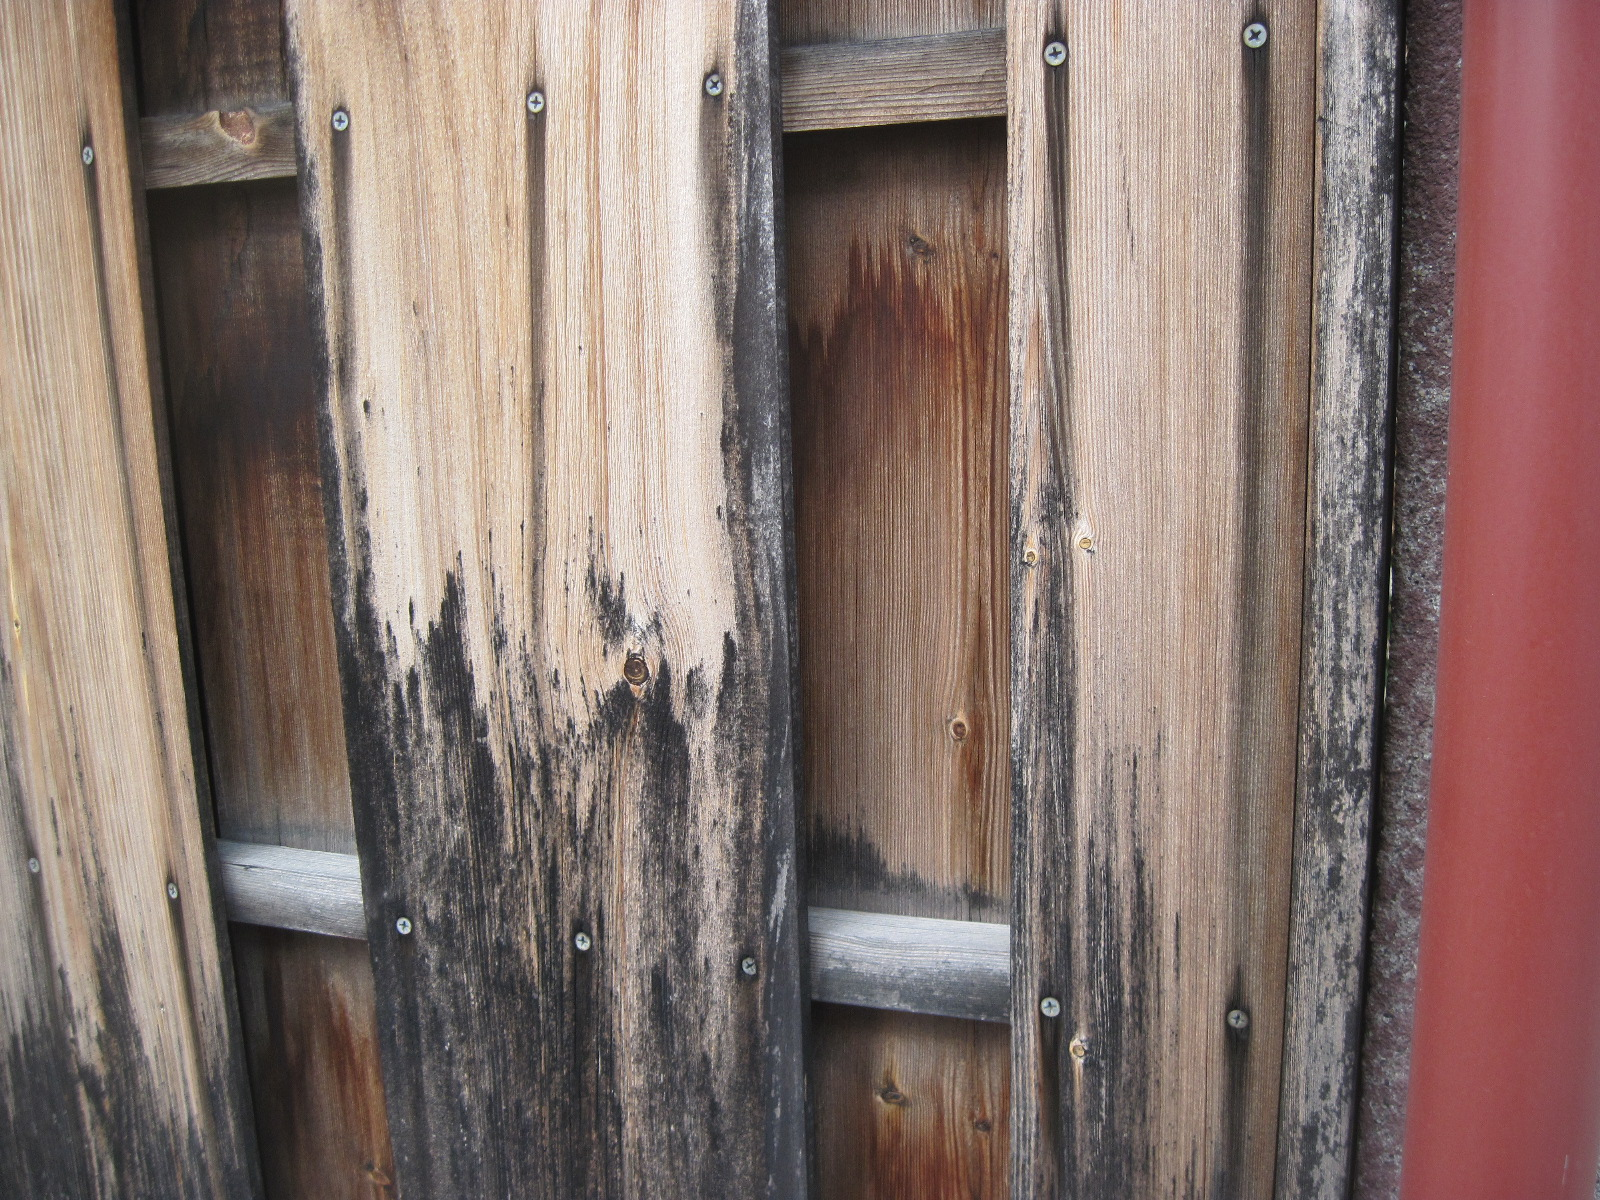 木部の傷んできたら早めの塗り替えをご検討ください